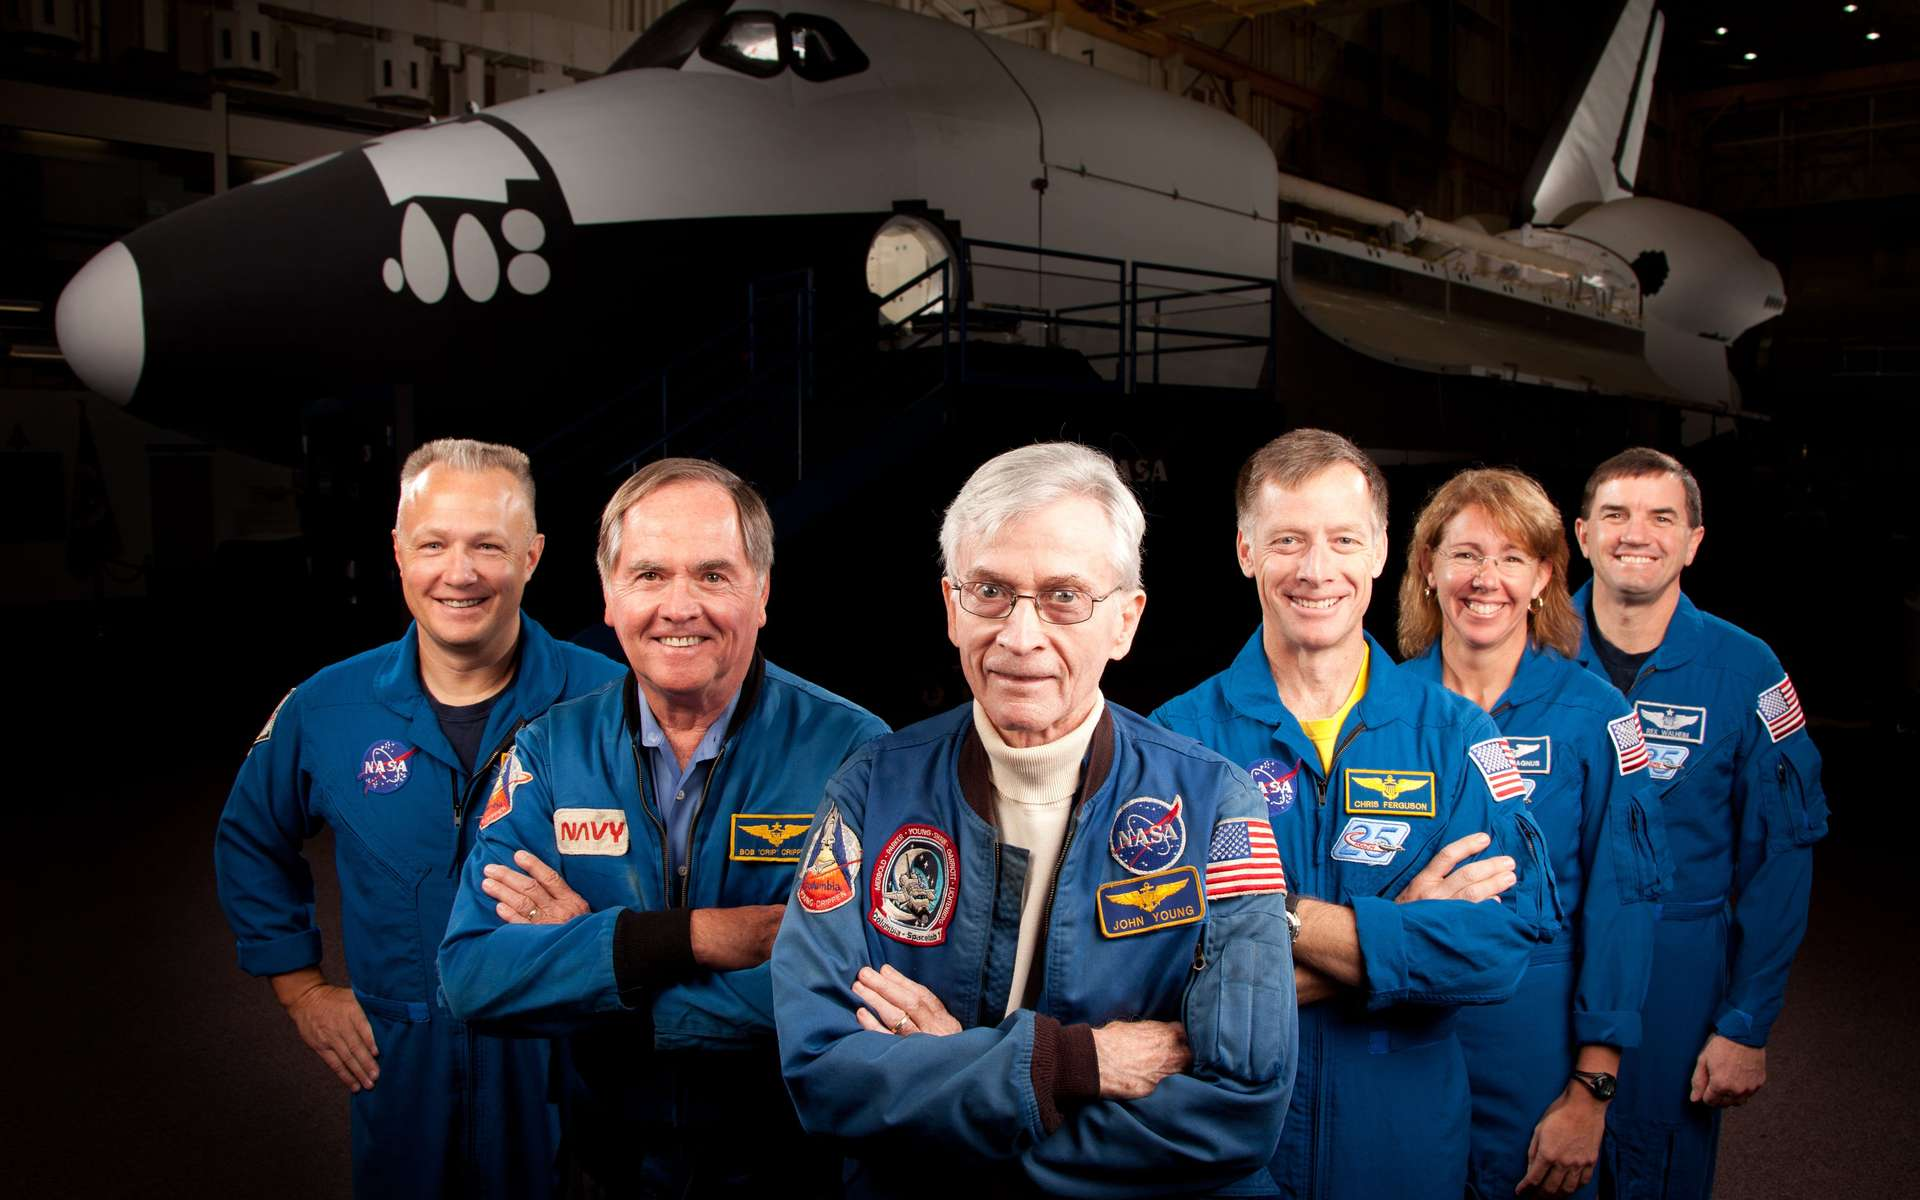 Les équipages des missions STS-1 (première mission d'une navette) et STS-135 (dernière mission) réunis pour une photo souvenir. De gauche à droite : Doug Hurley (pilote de STS-135), Robert Crippen (pilote de STS-1), John Young (commandant de STS-1 qui avait marché sur la Lune en 1972 avec la mission Apollo 16), Chris Ferguson (commandant de STS-135) ainsi que les astronautes Sandy Magnus et Rex Walheim.© Nasa Photo/Houston Chronicle, Smiley N. Pool